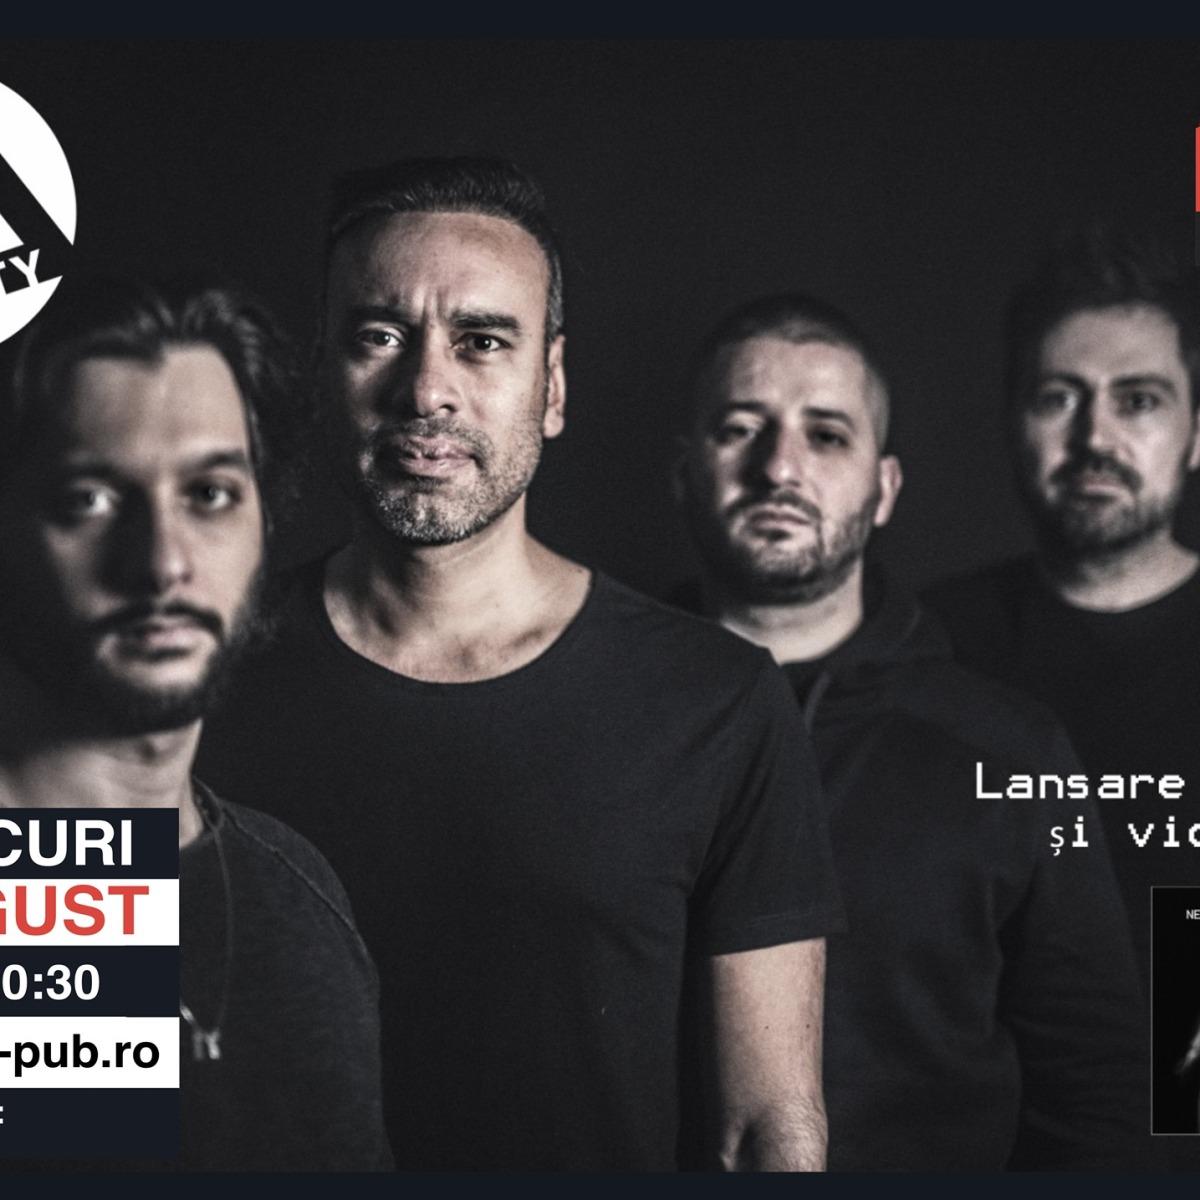 GUILTY live + Lansare de single si videoclip la The PUB Universității